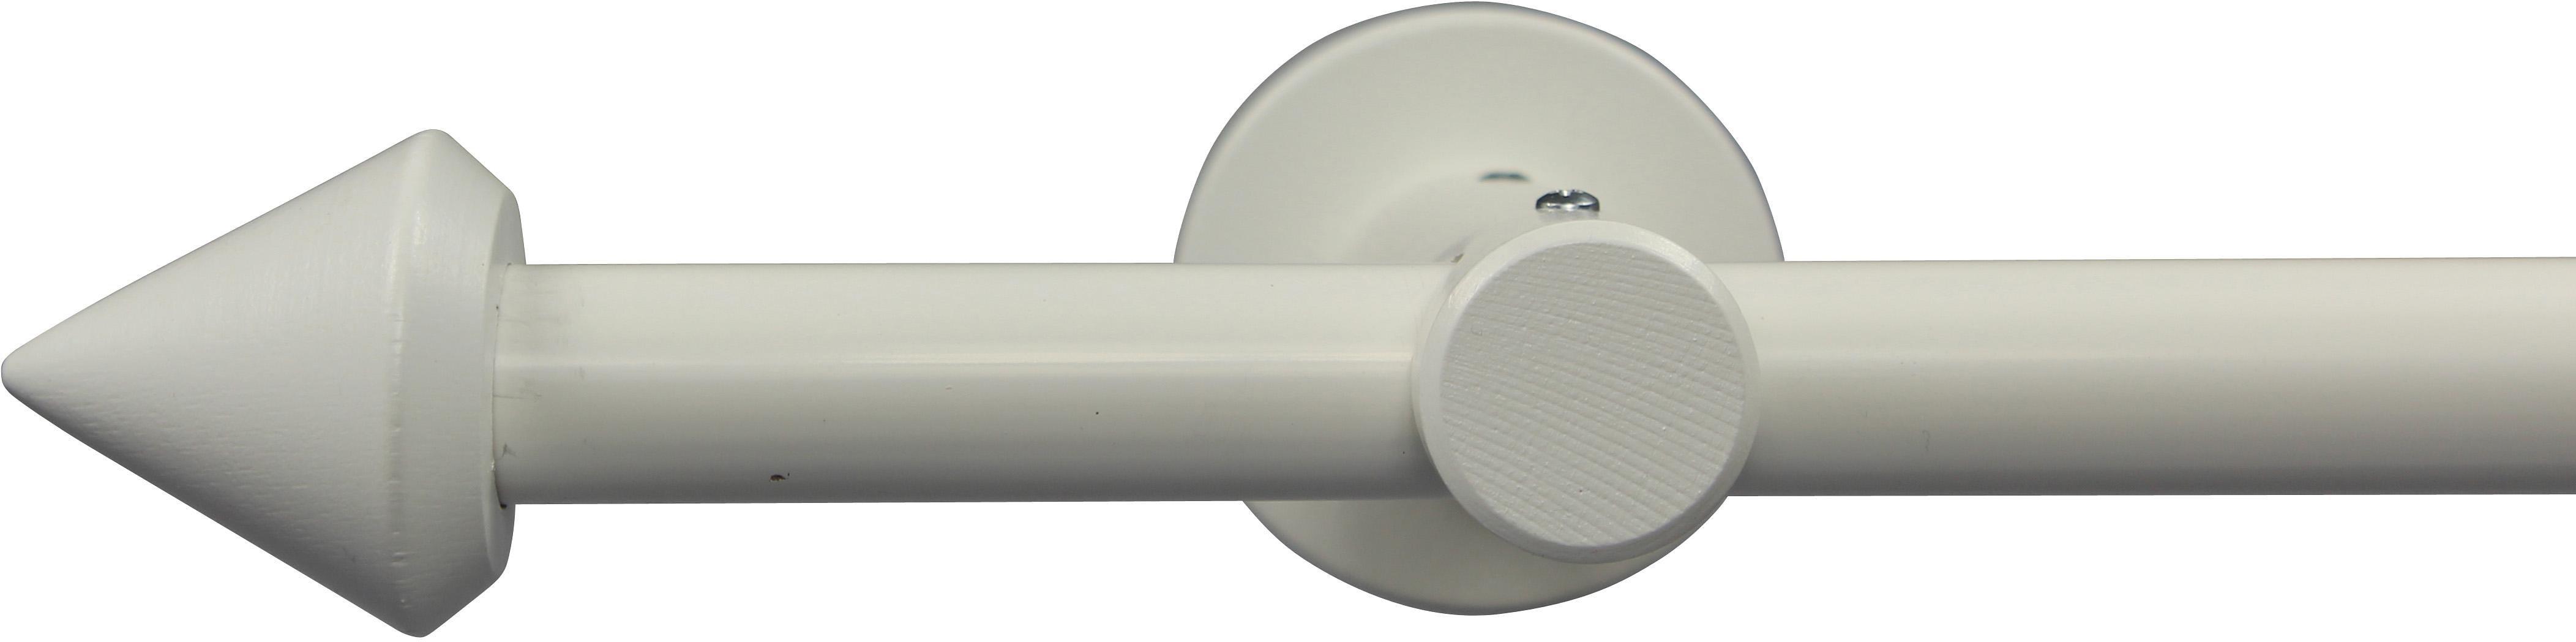 Gardinenstange nach Maß Ø 20 mm, Garesa, »Spitze«, ohne Ringe, mit geschlossenem Träger | Heimtextilien > Gardinen und Vorhänge > Gardinenstangen | GARESA